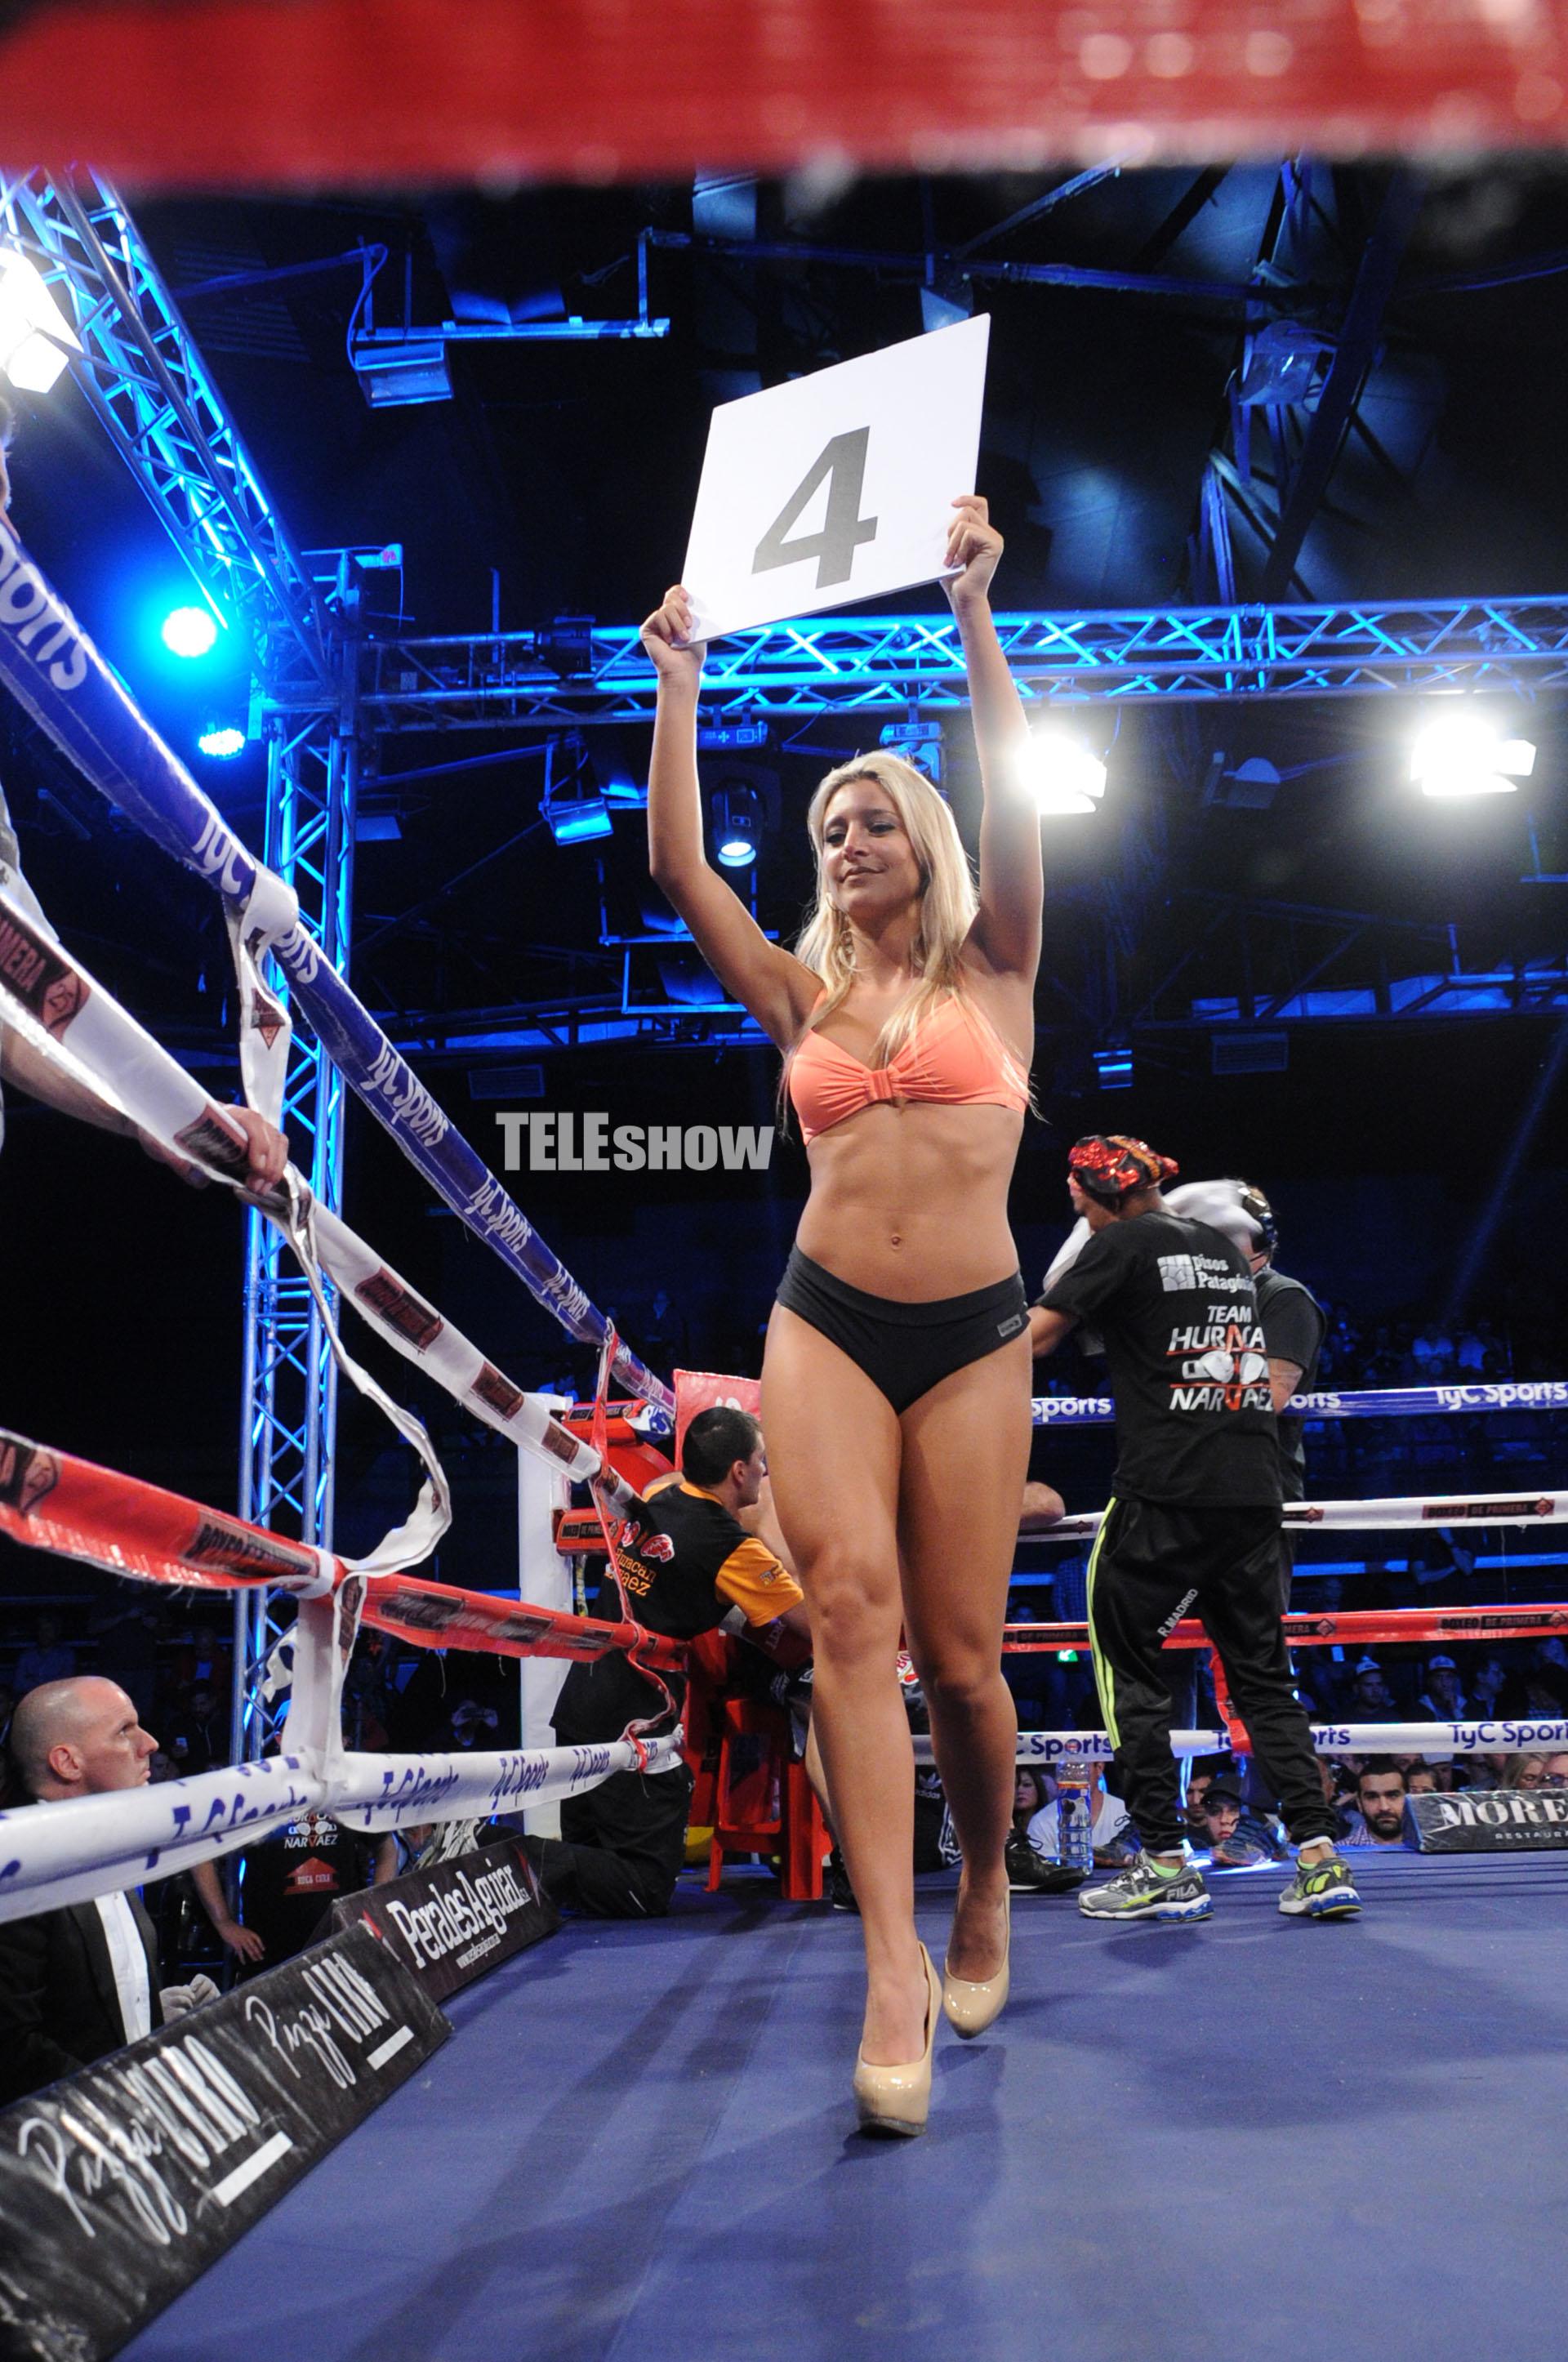 Durante la pelea, Sol Pérez fue tendencia en las redes sociales